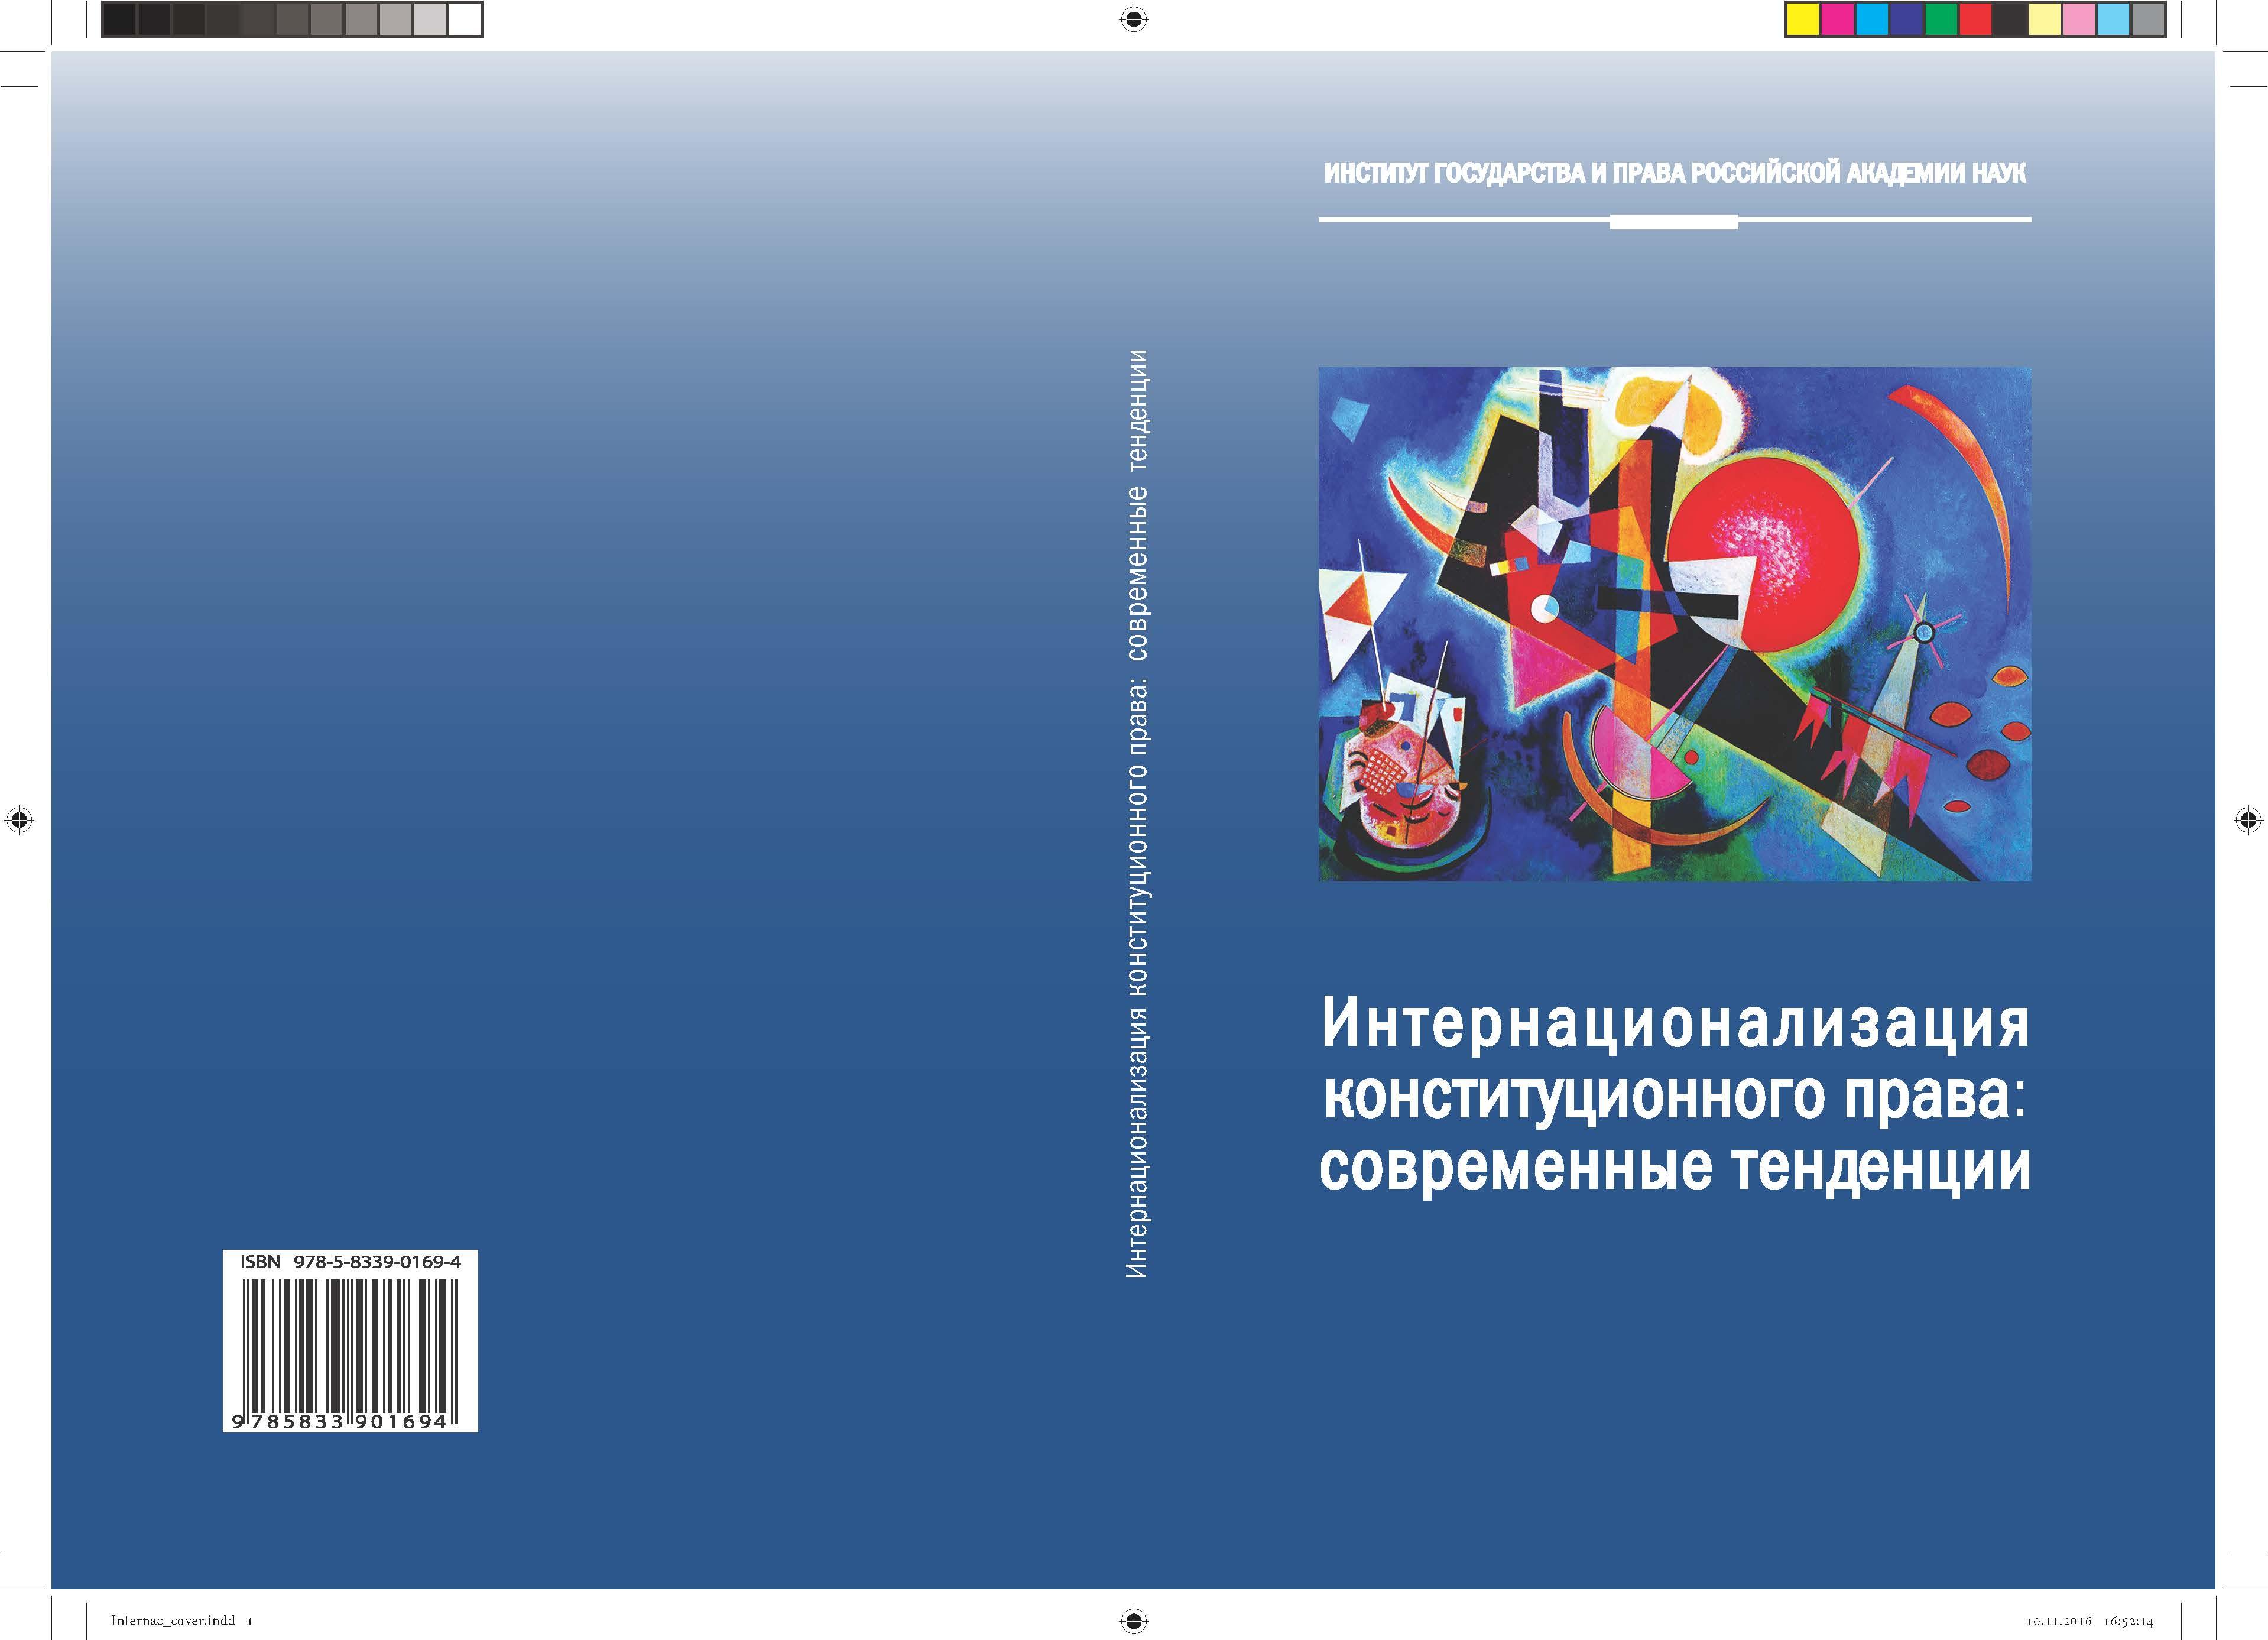 Отражение зарубежной судебной практики в правовых позициях Конституционного Суда Российской Федерации